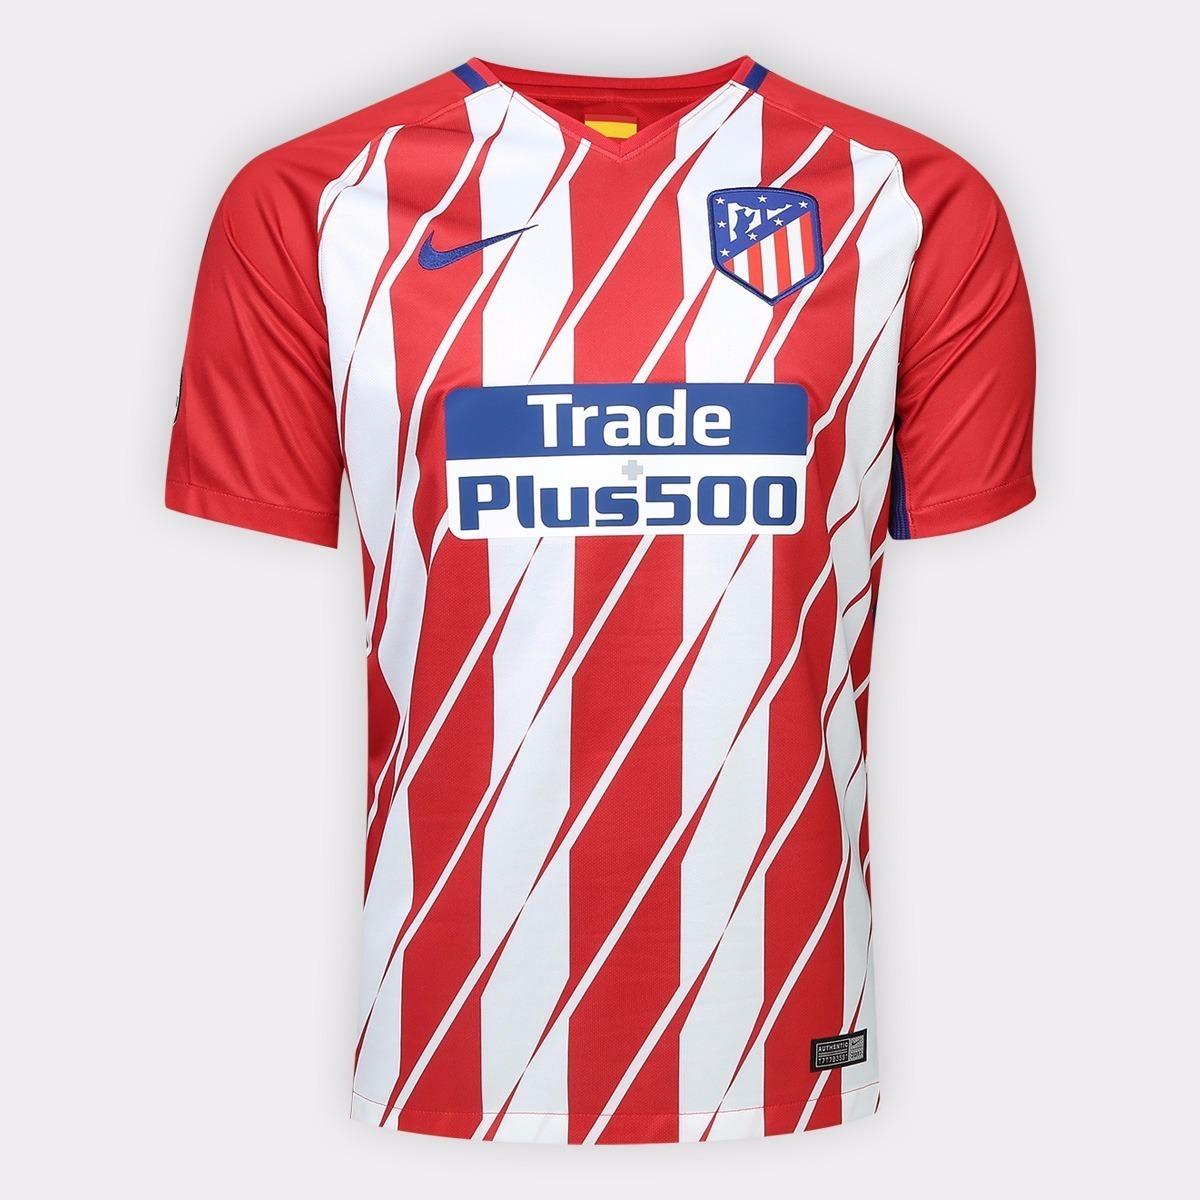 camisa atletico de madrid espanha camiseta time promocao. Carregando zoom. 8064bdc135e00